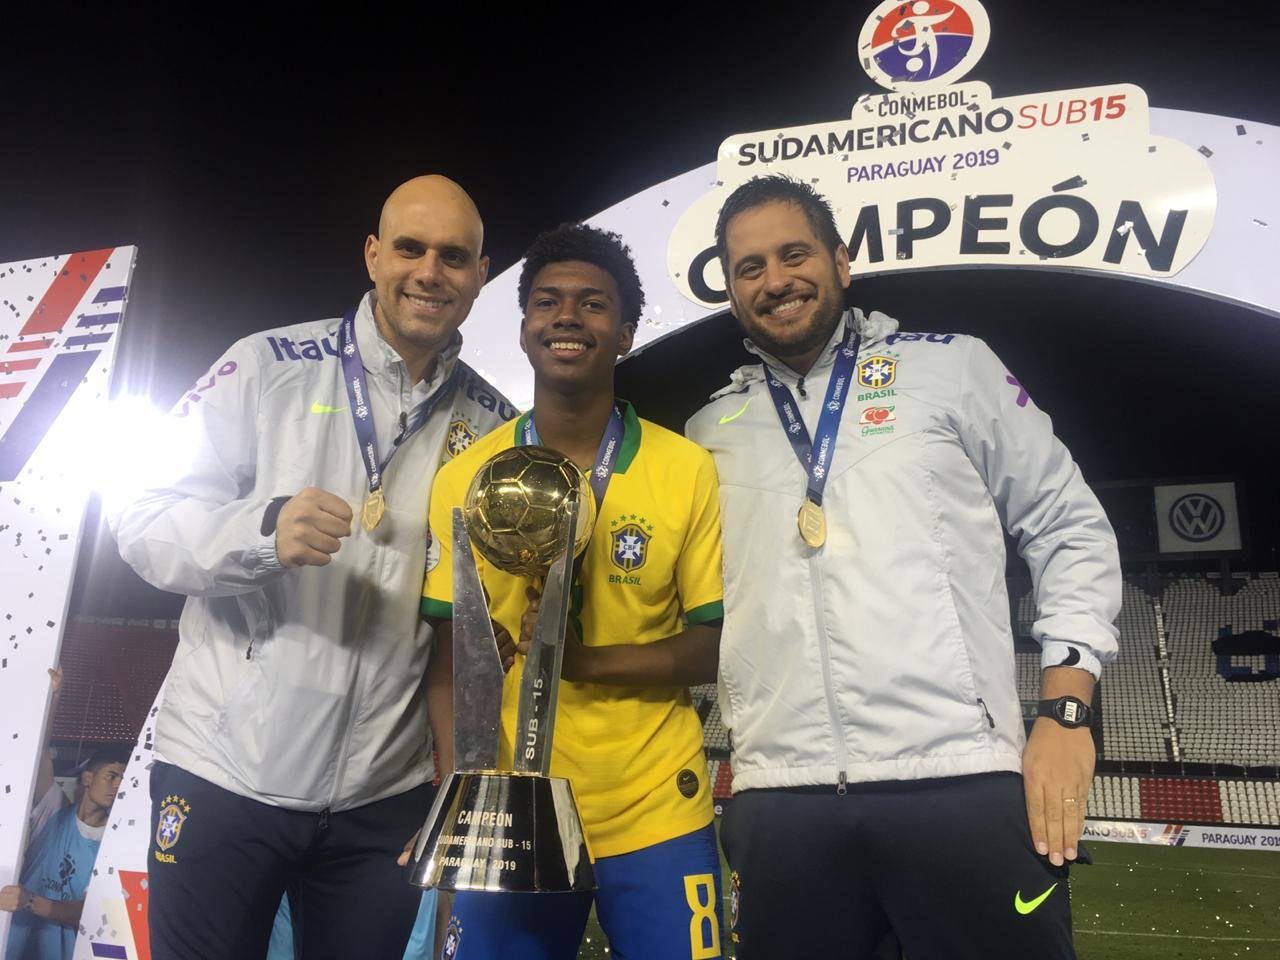 Divulgação _ Os palmeirenses Cesar Del Roy (esq.), Robinho e Lucas Andrade (dir.) fizeram parte do elenco campeão